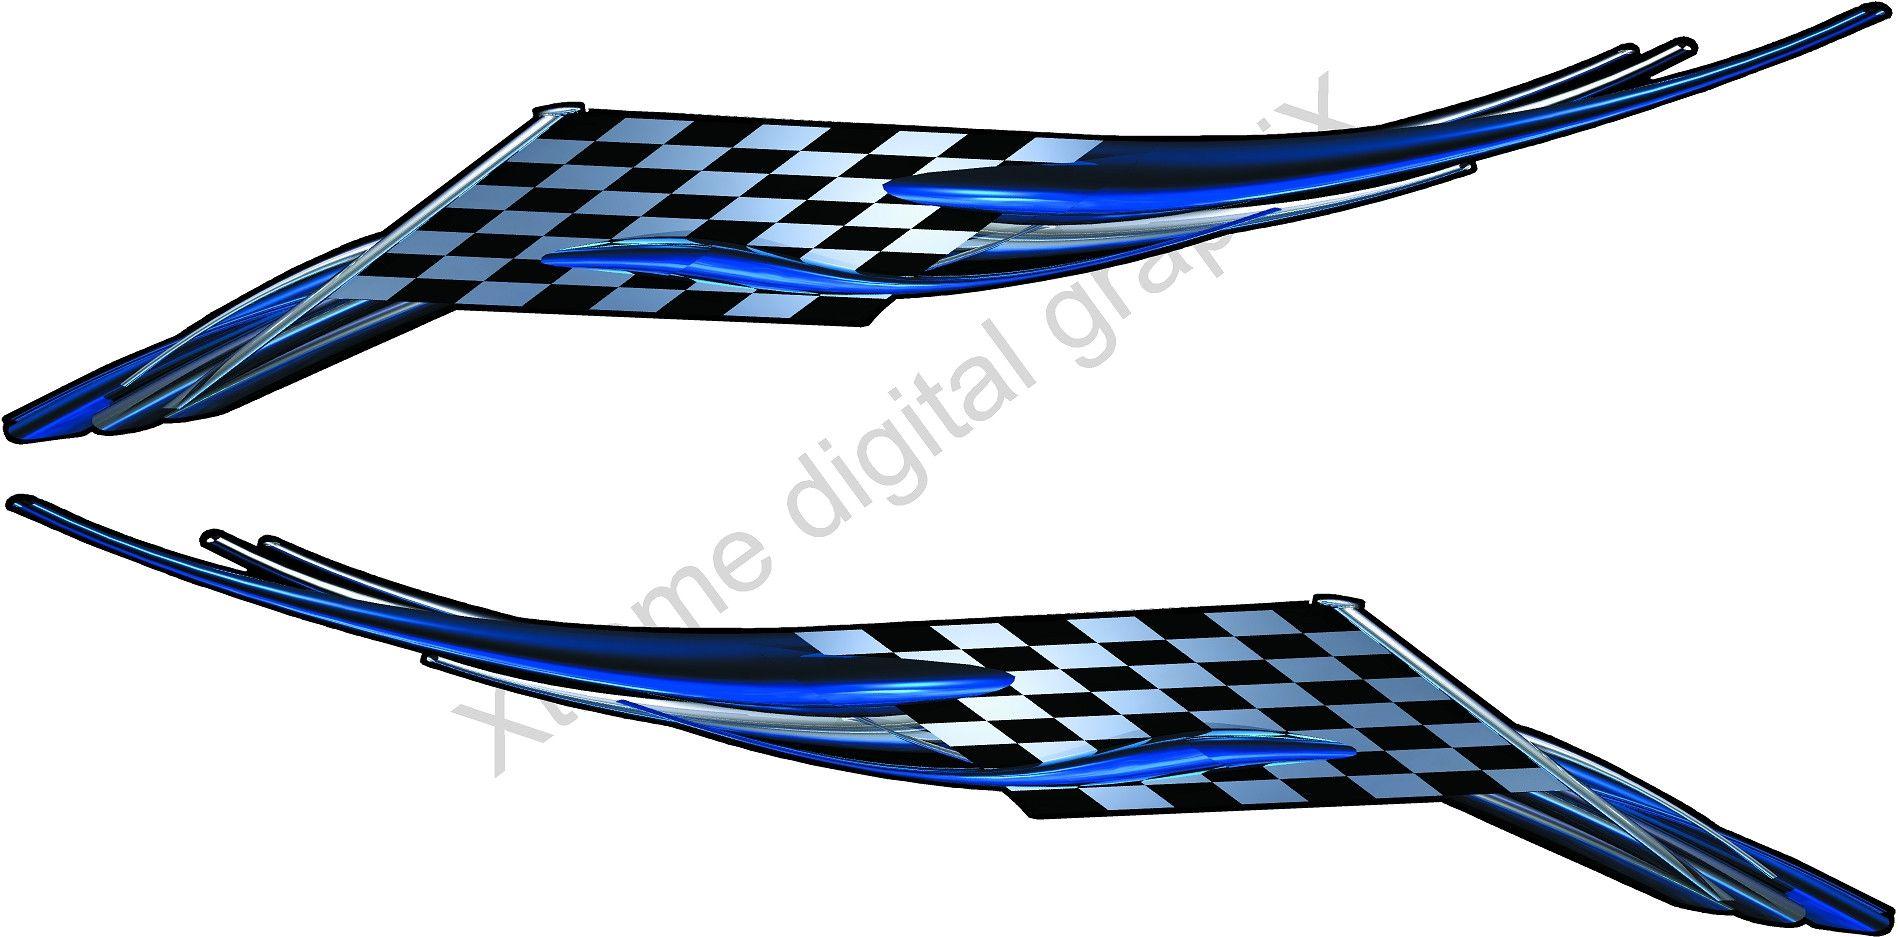 2pcs Sideskirt Race Decals Checkered Flag Vinyl Graphic Decal Car Decals Vinyl Car Graphics Decals Vinyl Graphics [ 1000 x 1000 Pixel ]